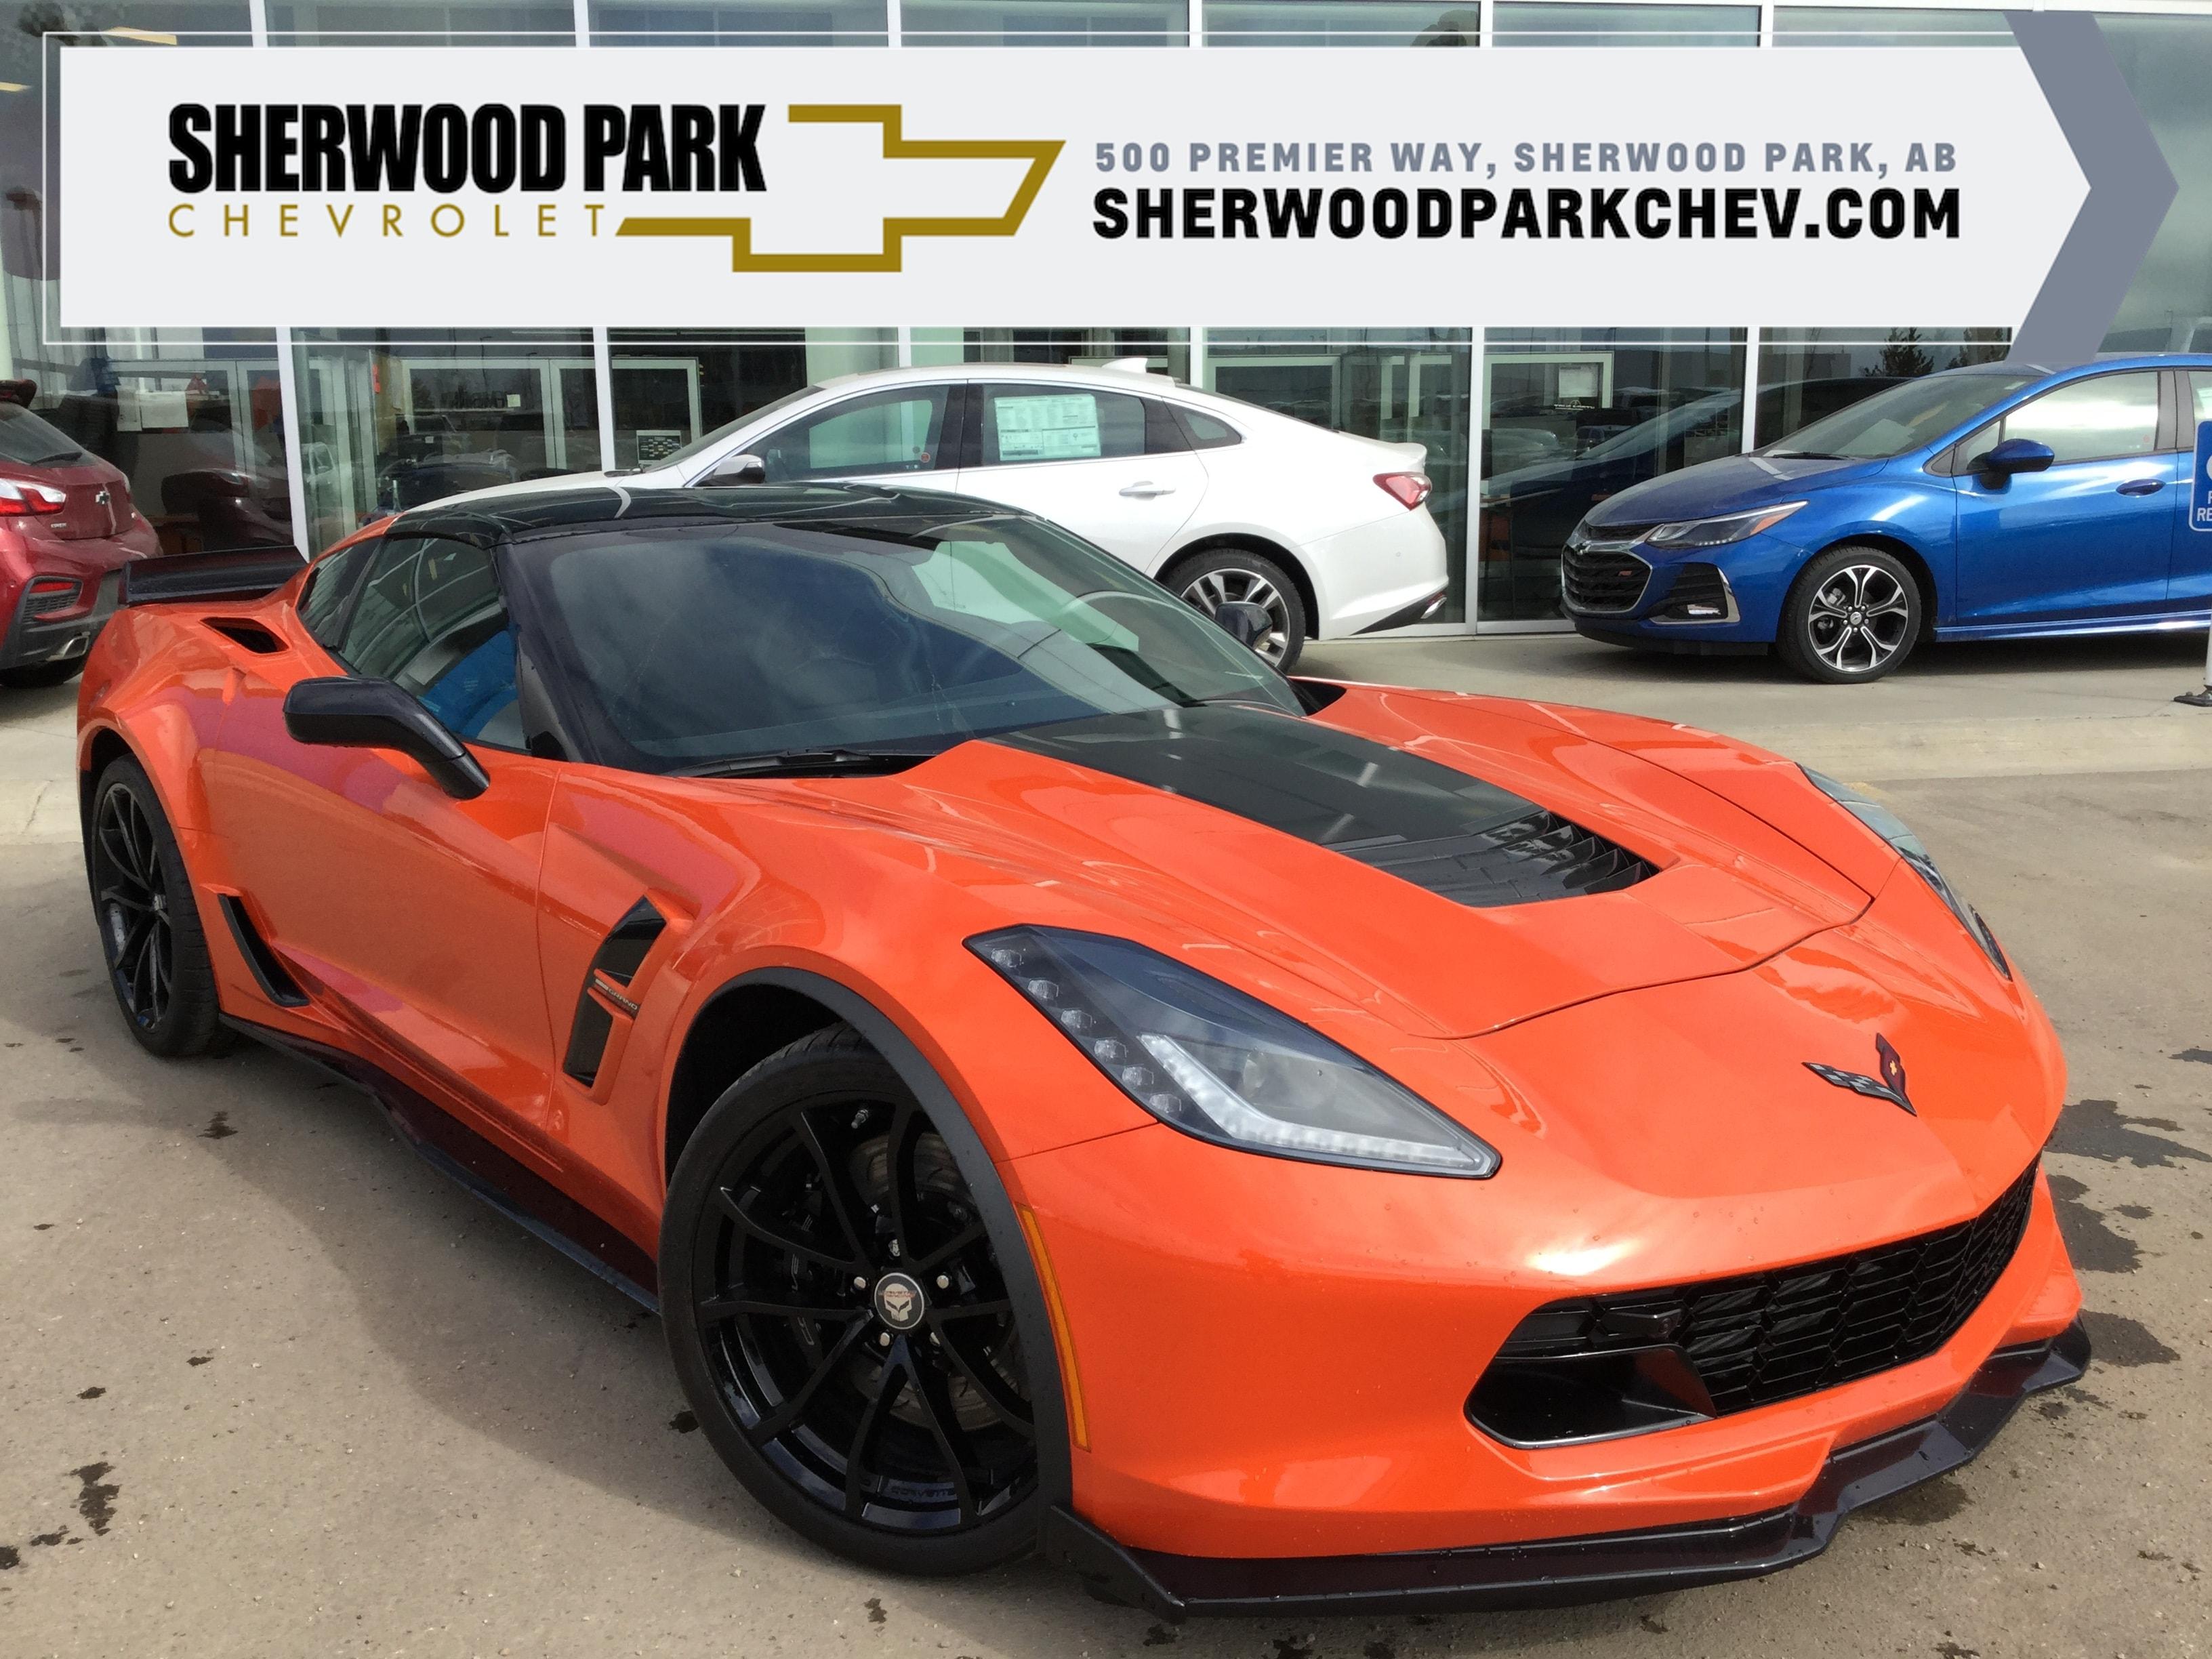 New 2019 Chevrolet Corvette Grand Sport 2lt In Sherwood Park Ab S 9cv0339 V 1g1yy2d7xk5110339